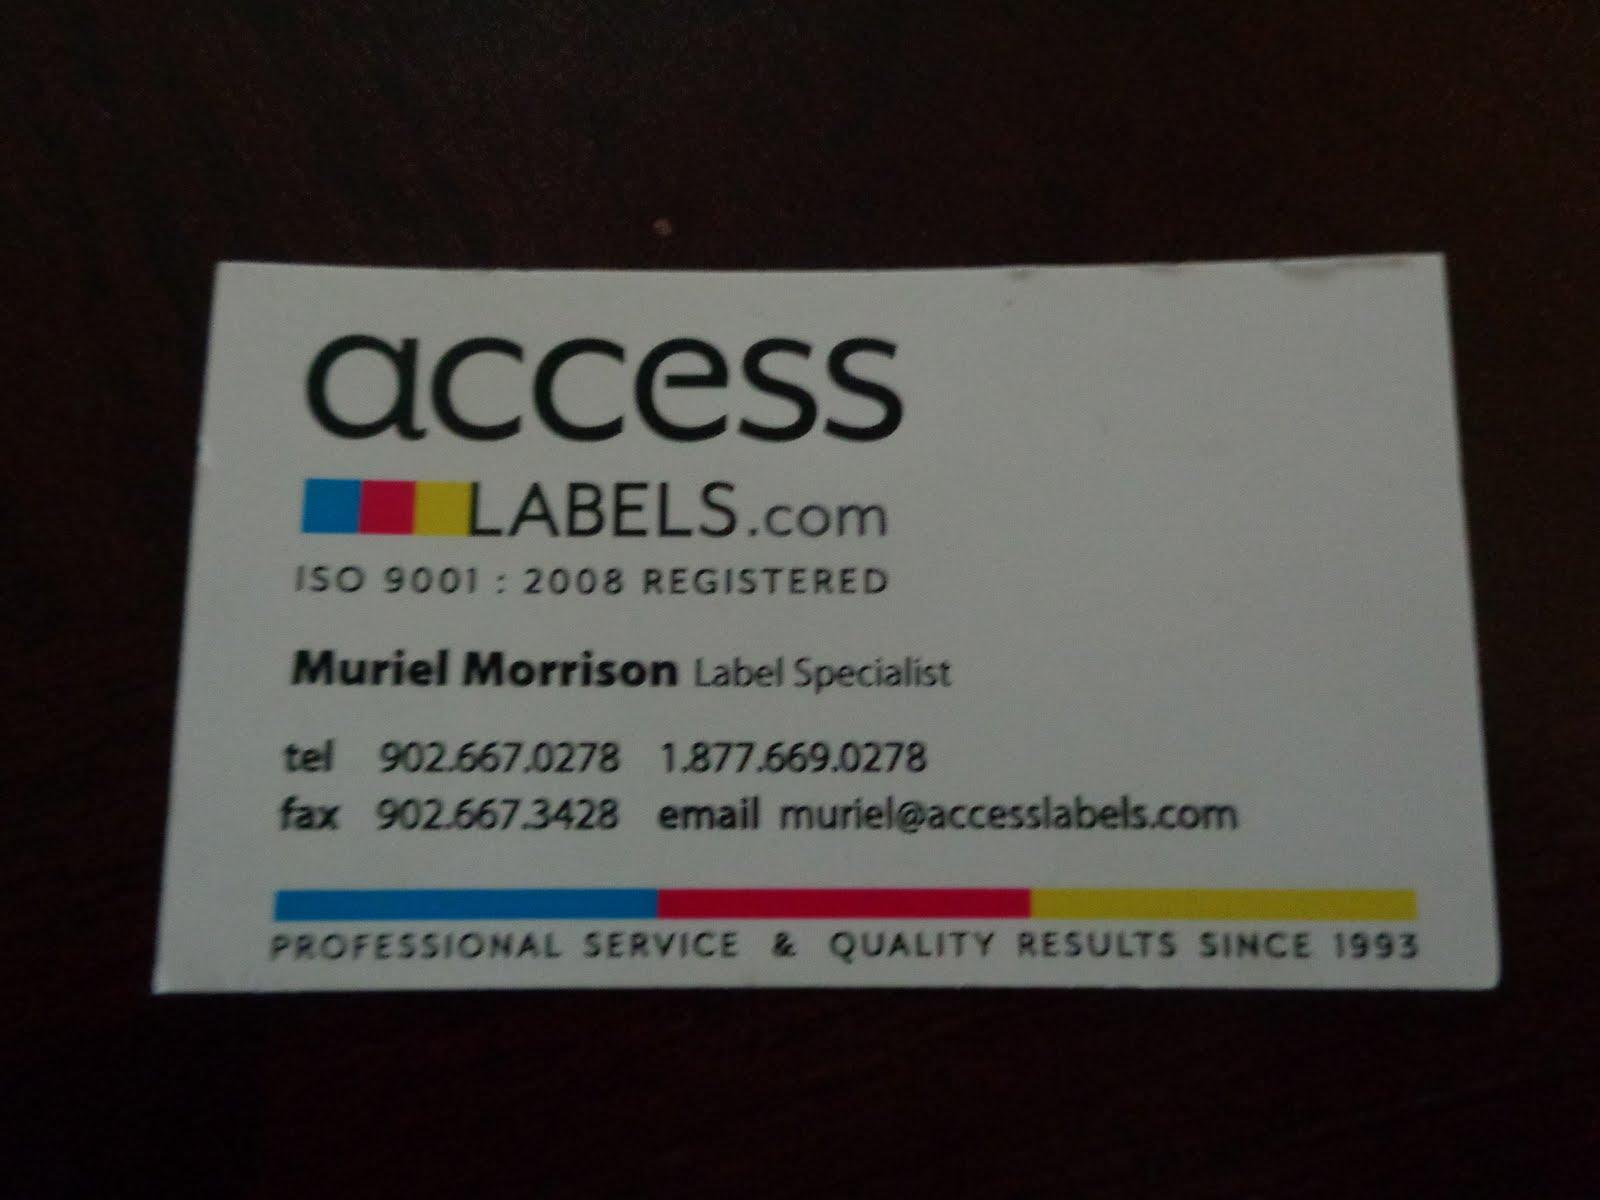 Got labels? Call Access Labels